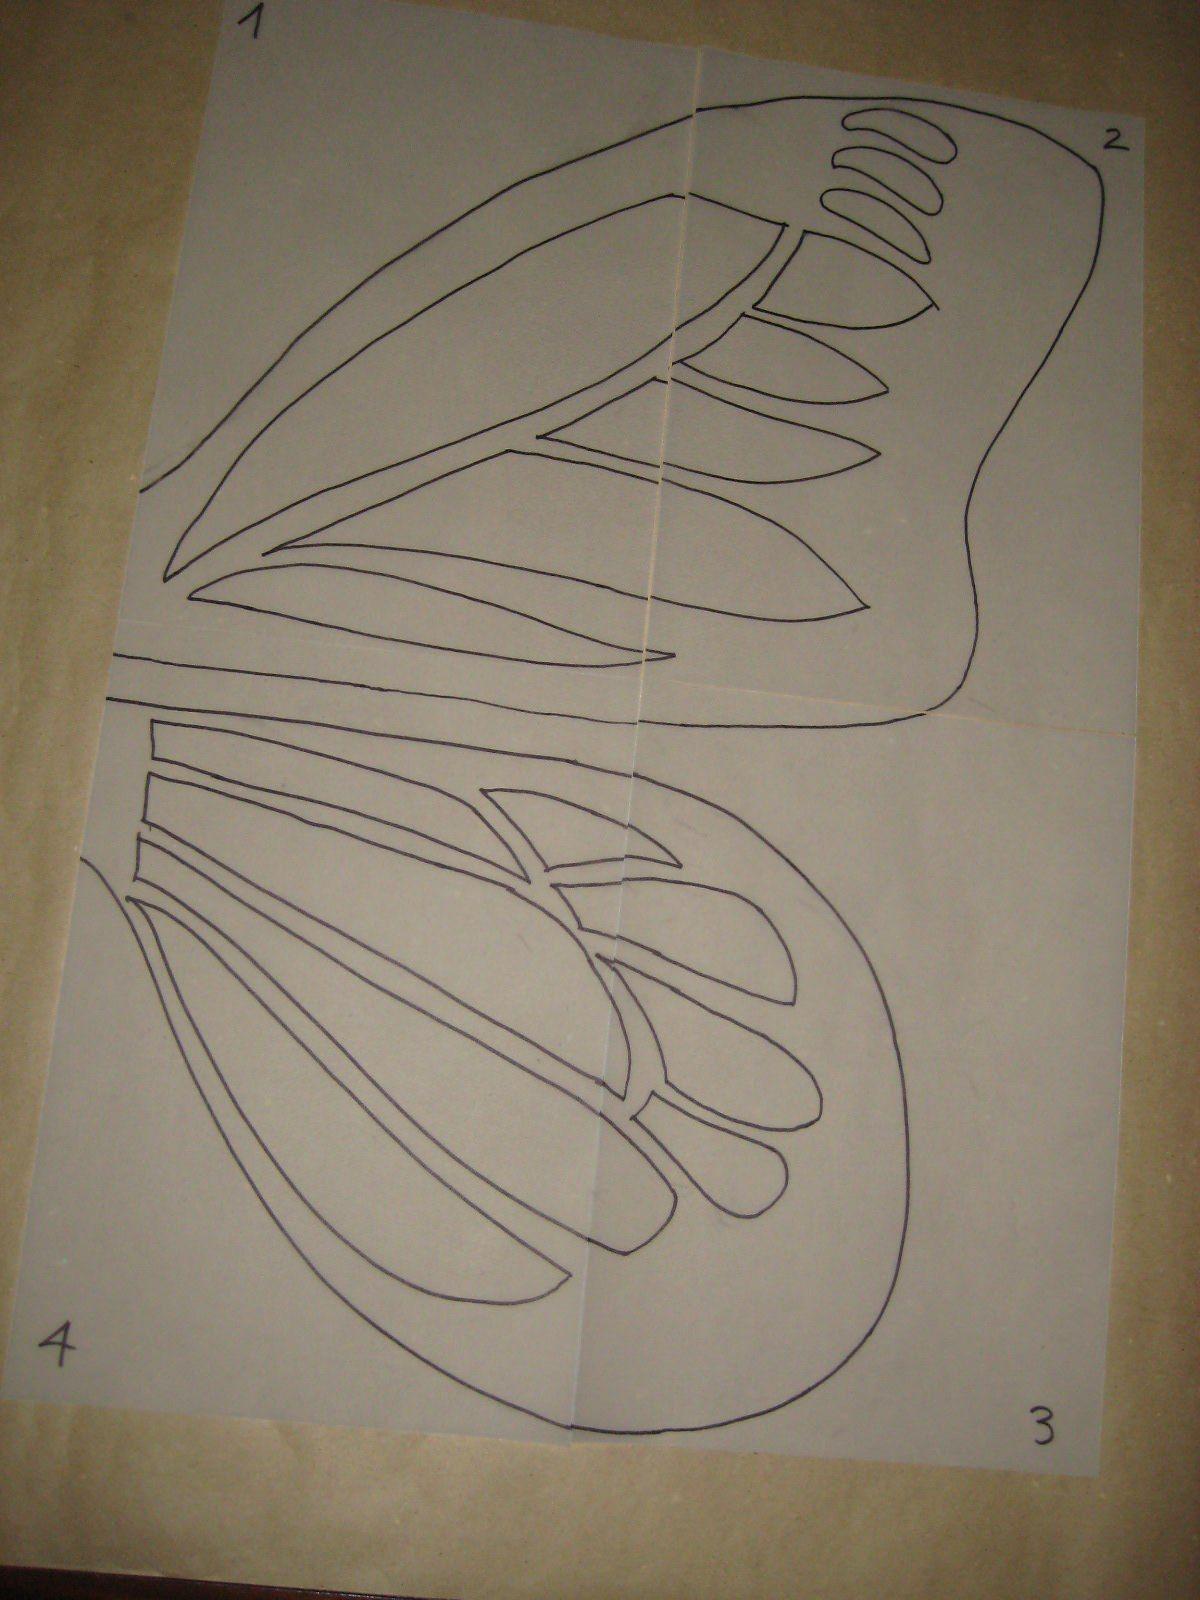 Instrucciones detalladas para hacer un disfraz de mariposa - Plantillas de mariposas ...